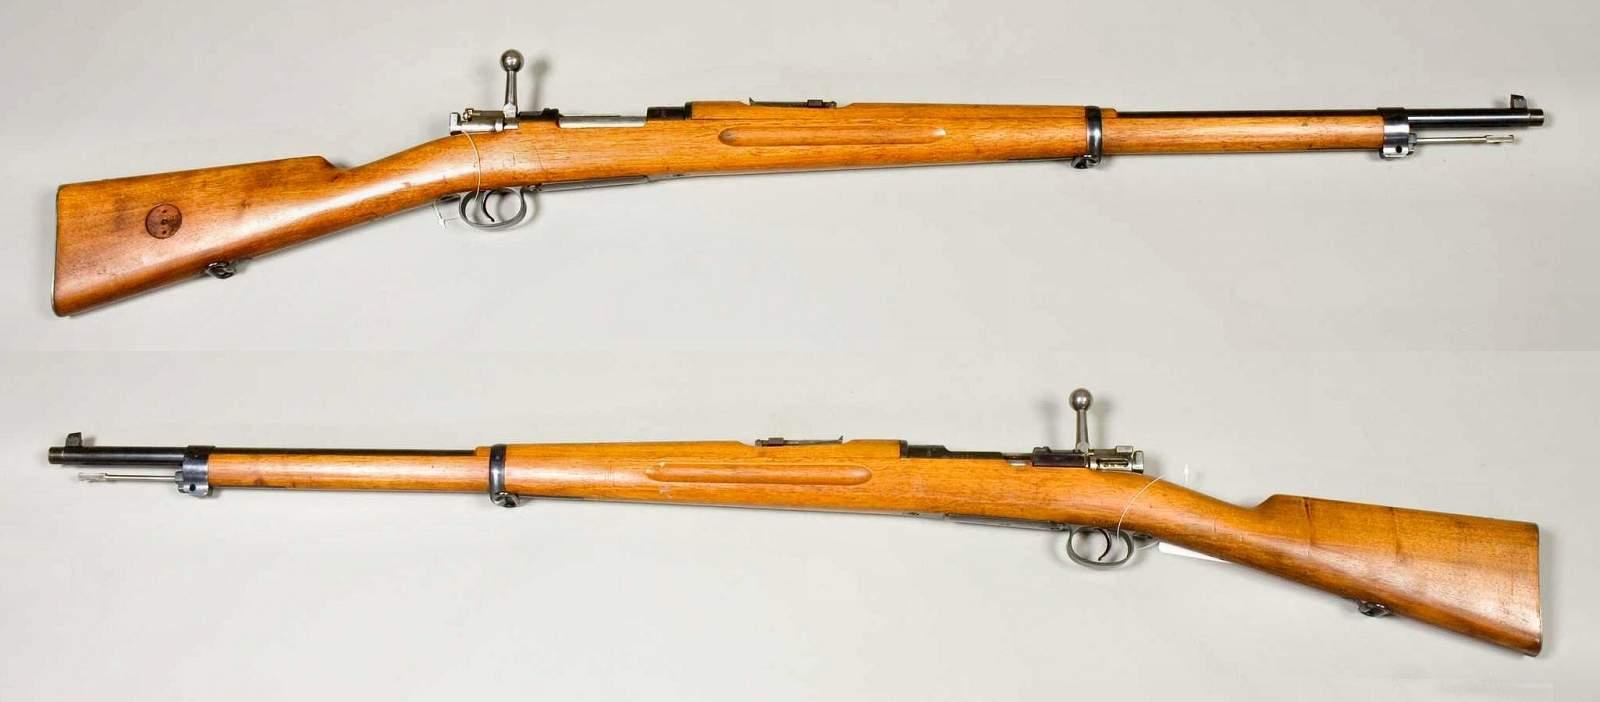 Gev%C3%A4r_m-1896_-_Modellexemplar_tillverkat_1896_-_6%2C5x55mm_-_Armemuseum.